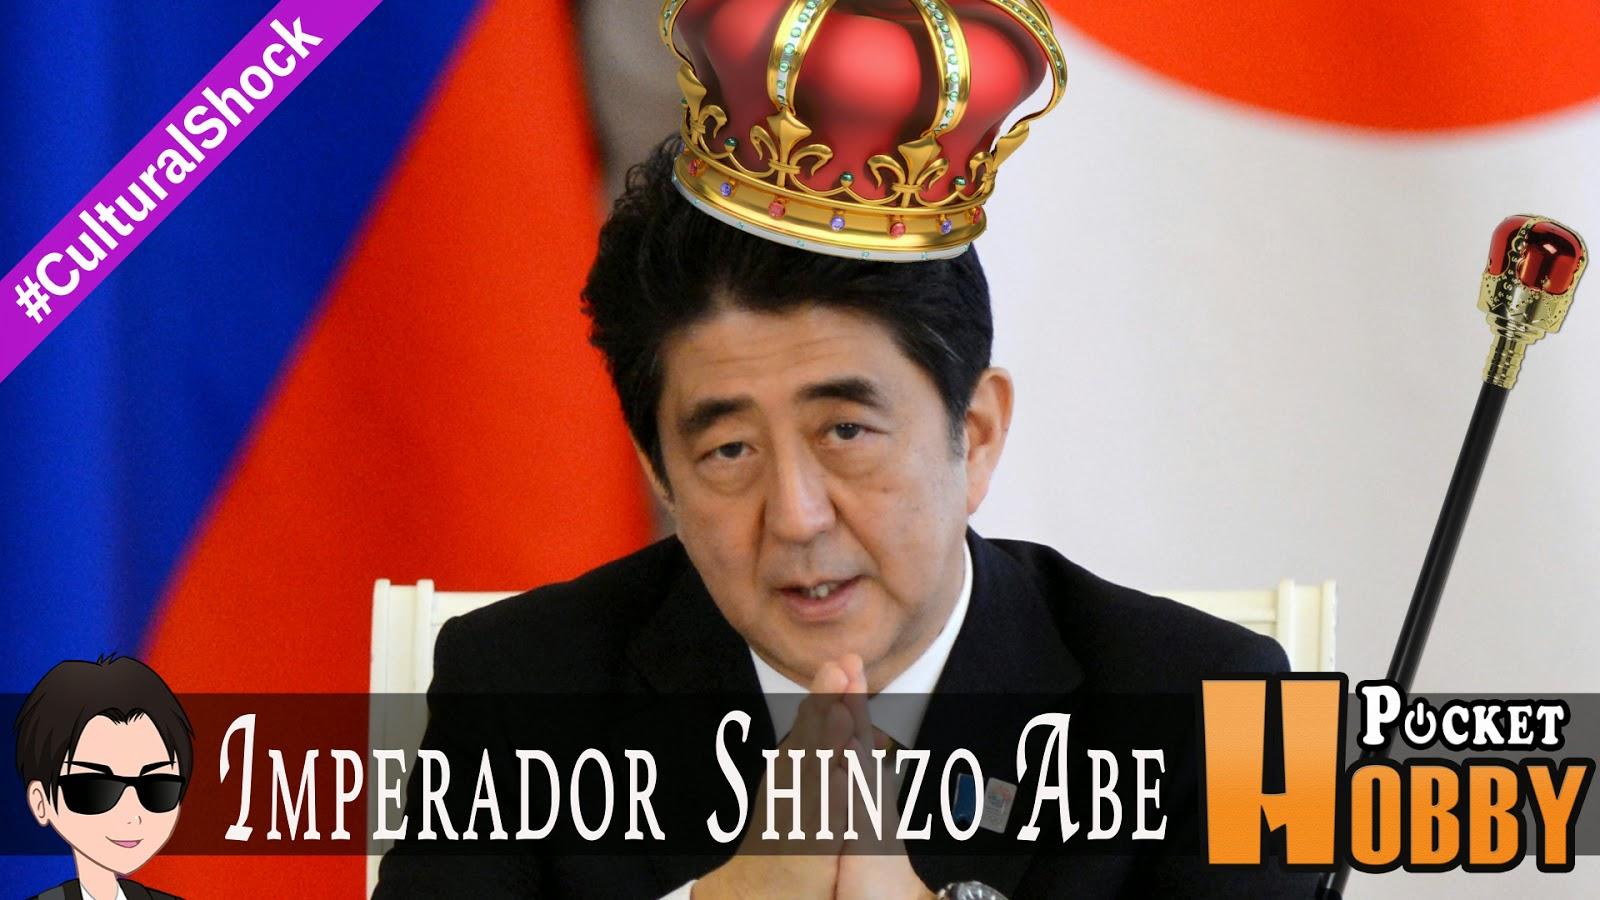 Pocket Hobby - www.pockethobby.com - Cultural Shock - O Imperador Eleito Shinzo Abe